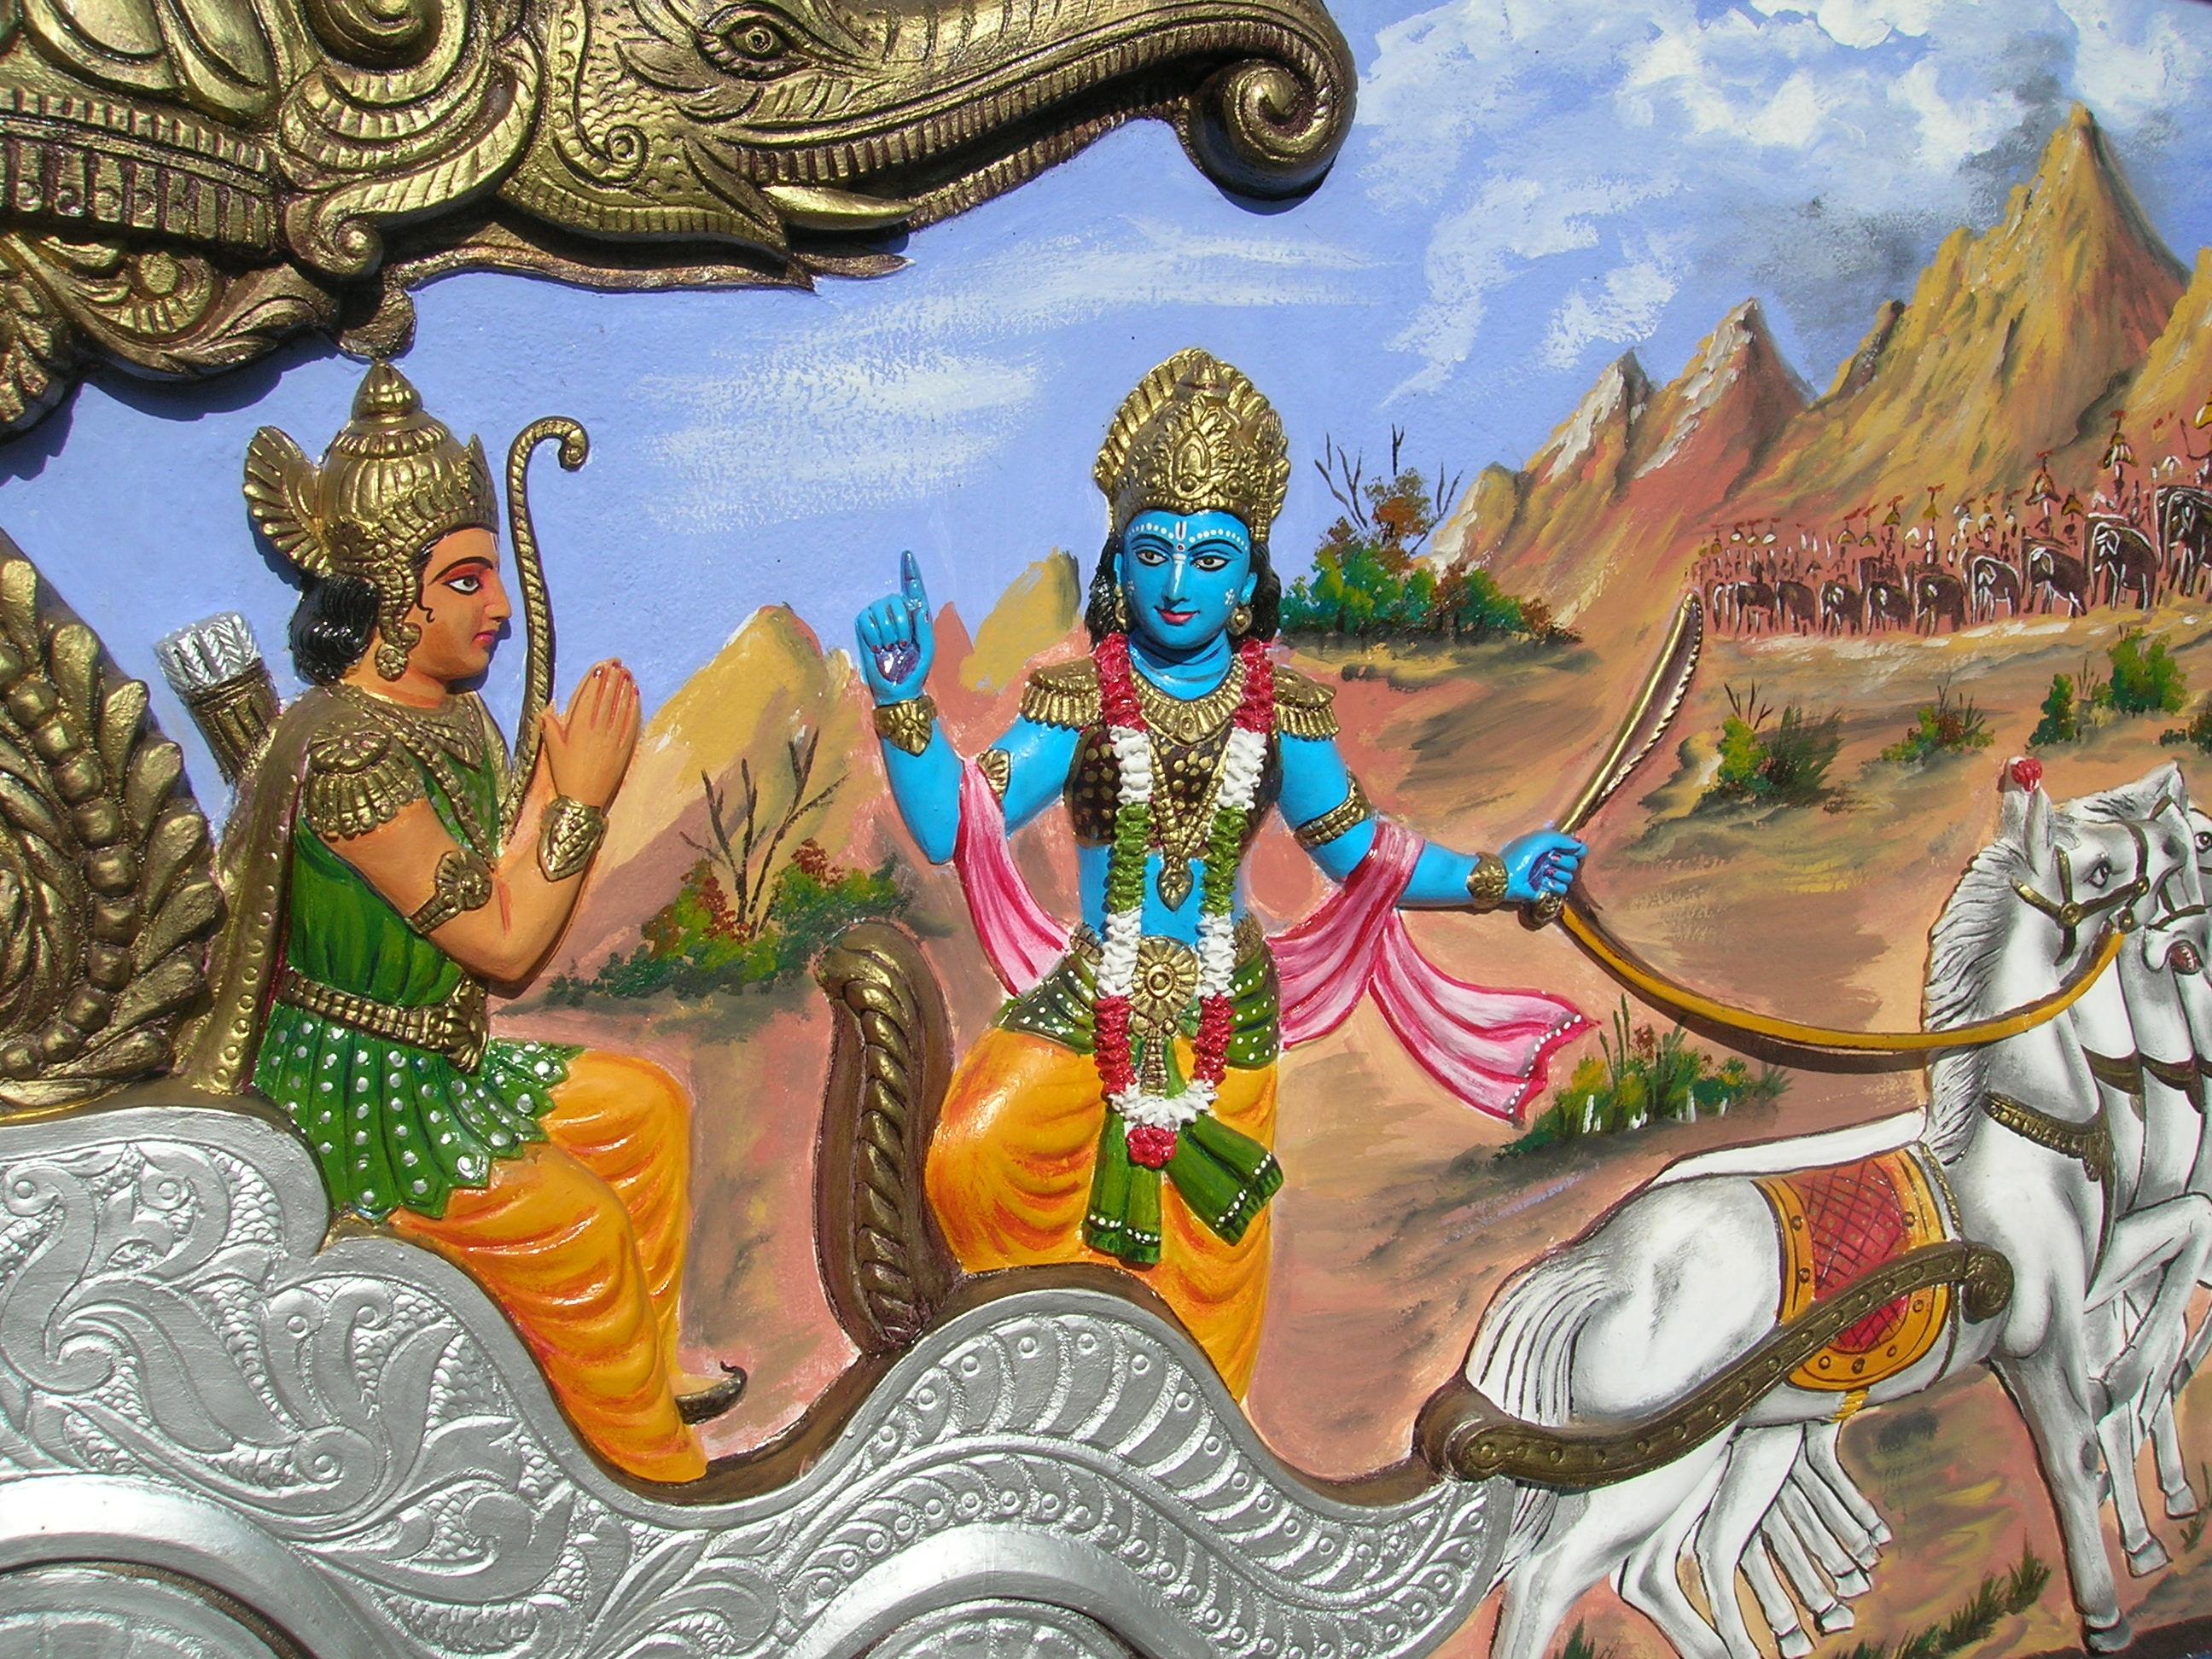 Bhagavata_Gita_Bishnupur_Arnab_Dutta_2011